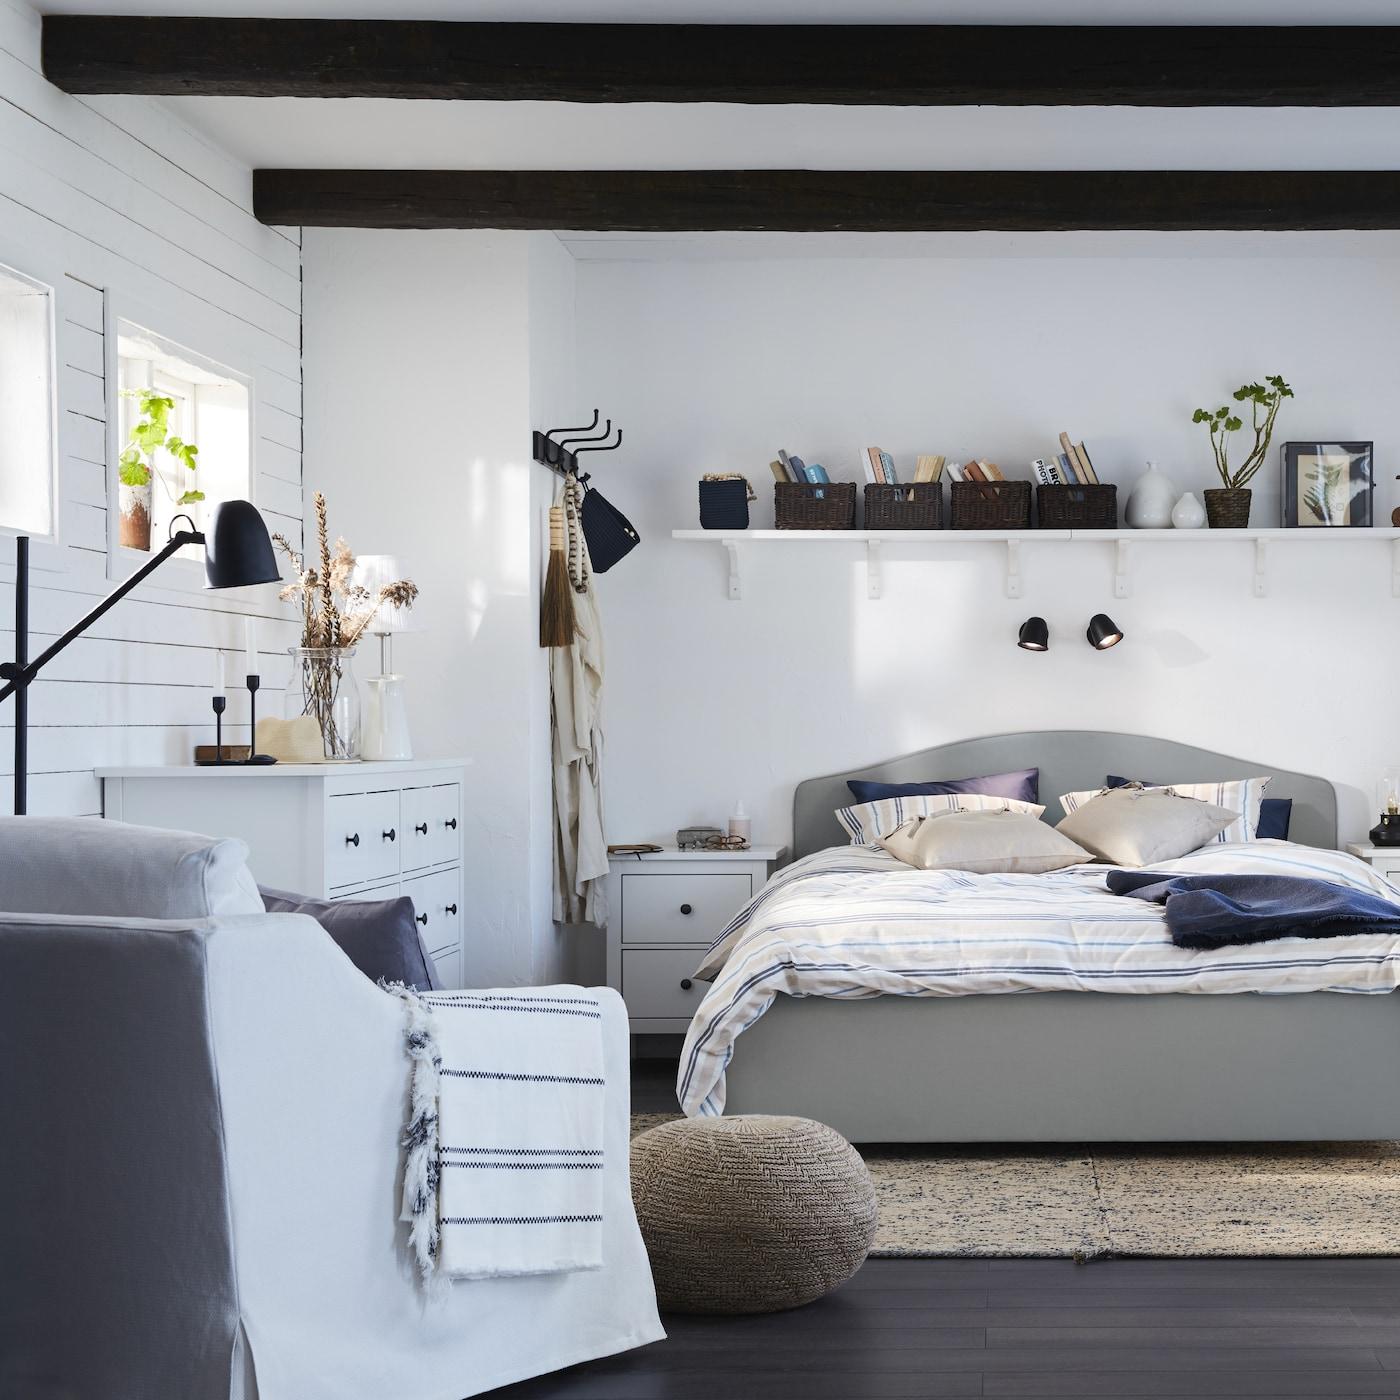 Soveværelse i en sammenhængende og traditionel stil med en beige HAUGA seng, en hvid lænestol, hvide gardiner og et mørkt blågrønt skrivebord.